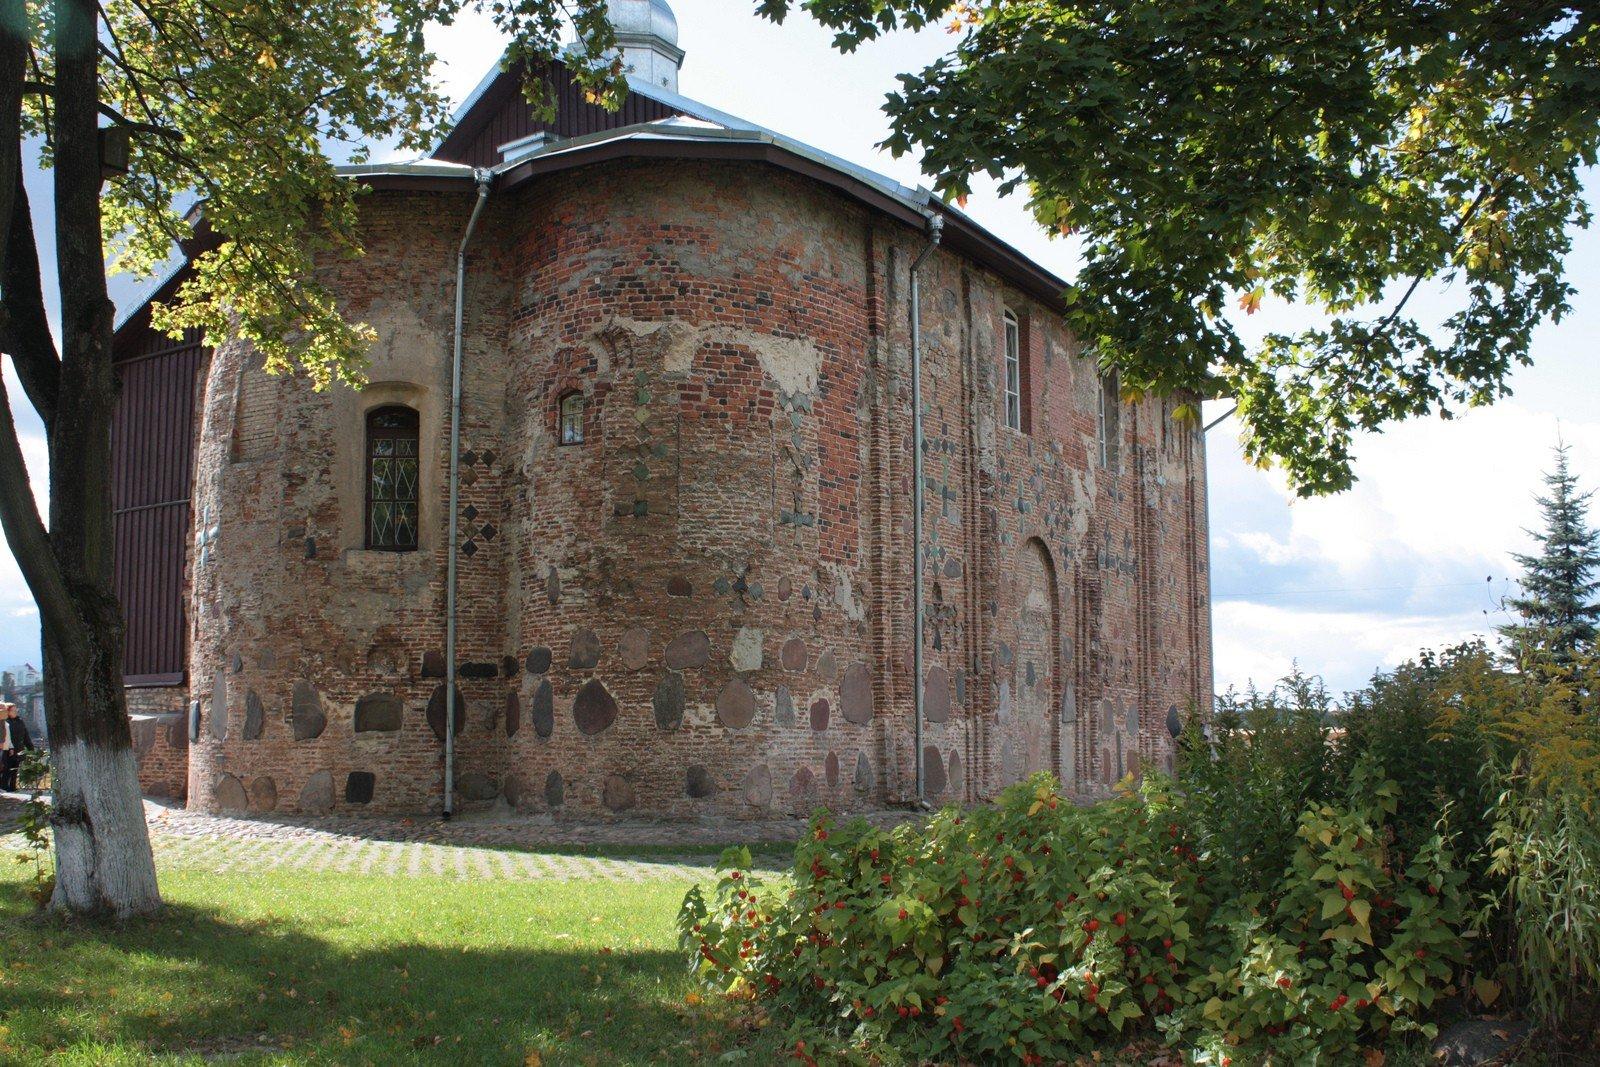 Ученые создали для этой церкви свой архитектурный стиль